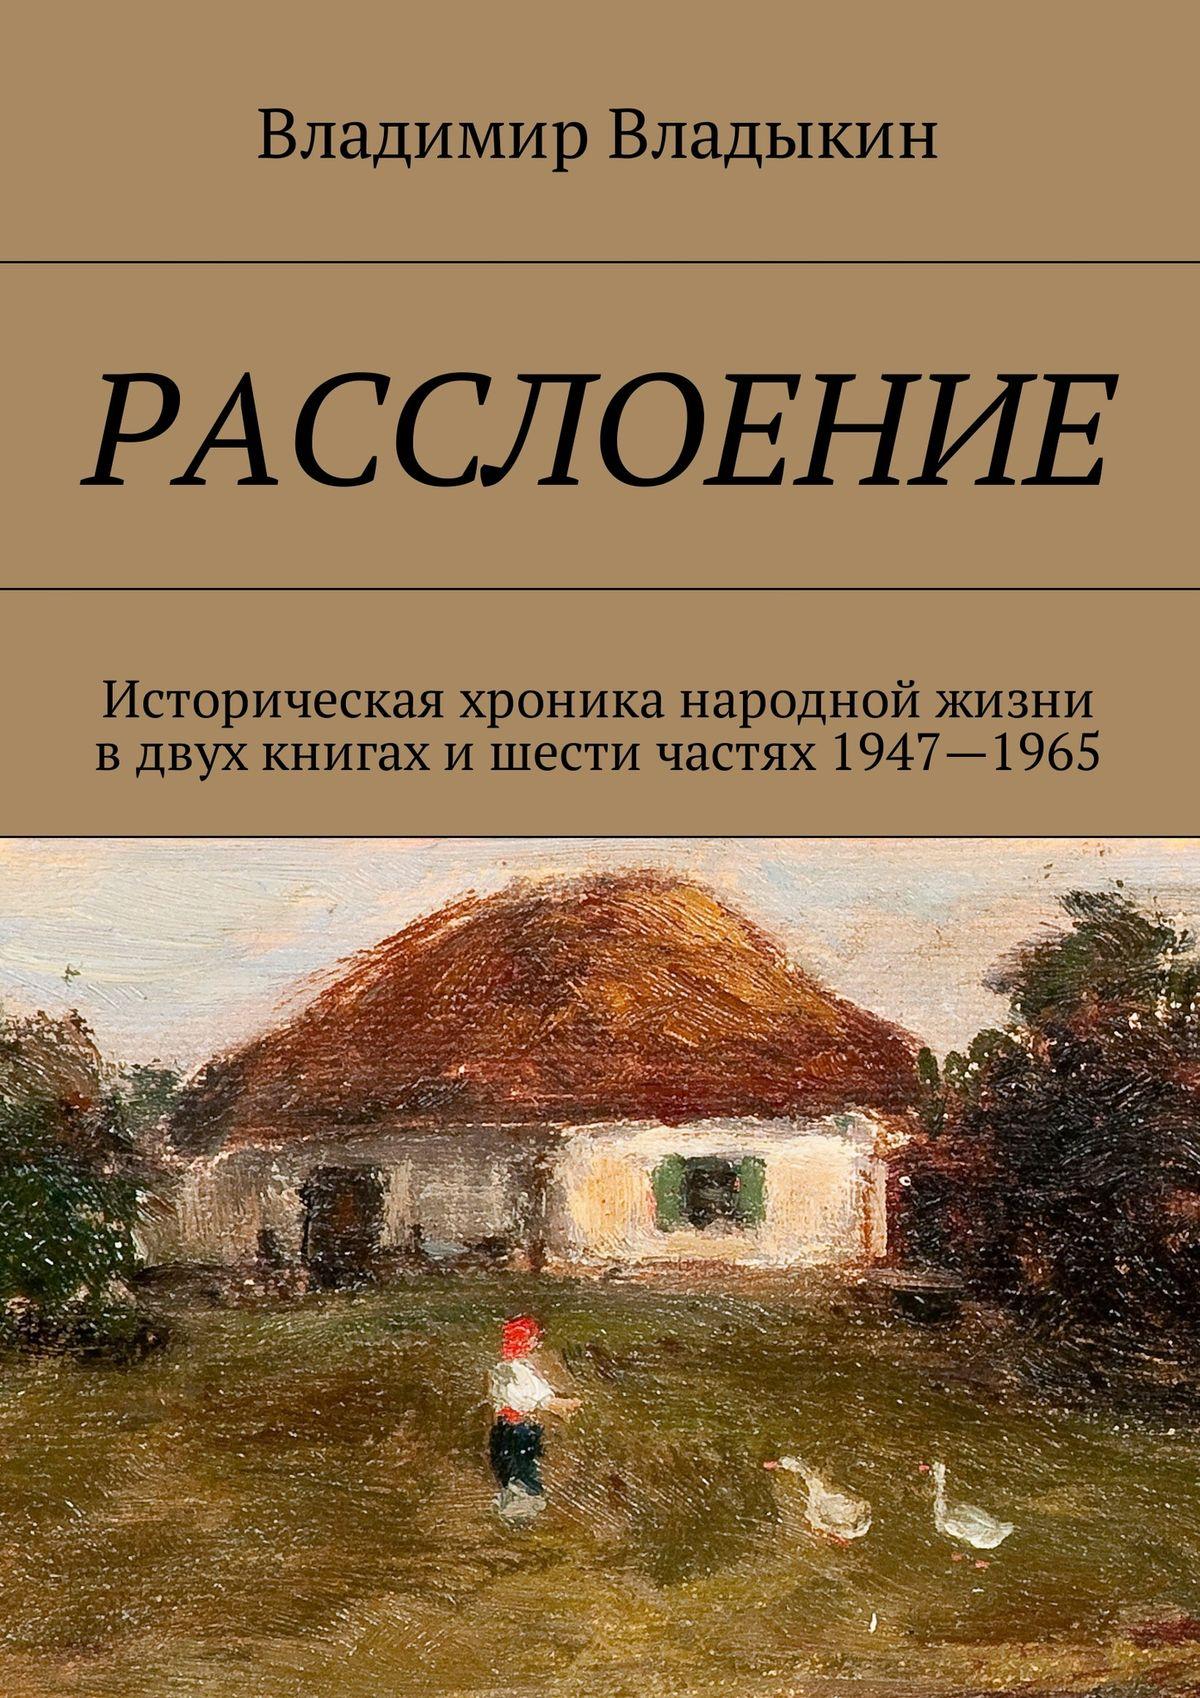 Владимир Владыкин / Расслоение. Историческая хроника народной жизни в двух книгах и шести частях 1947—1965